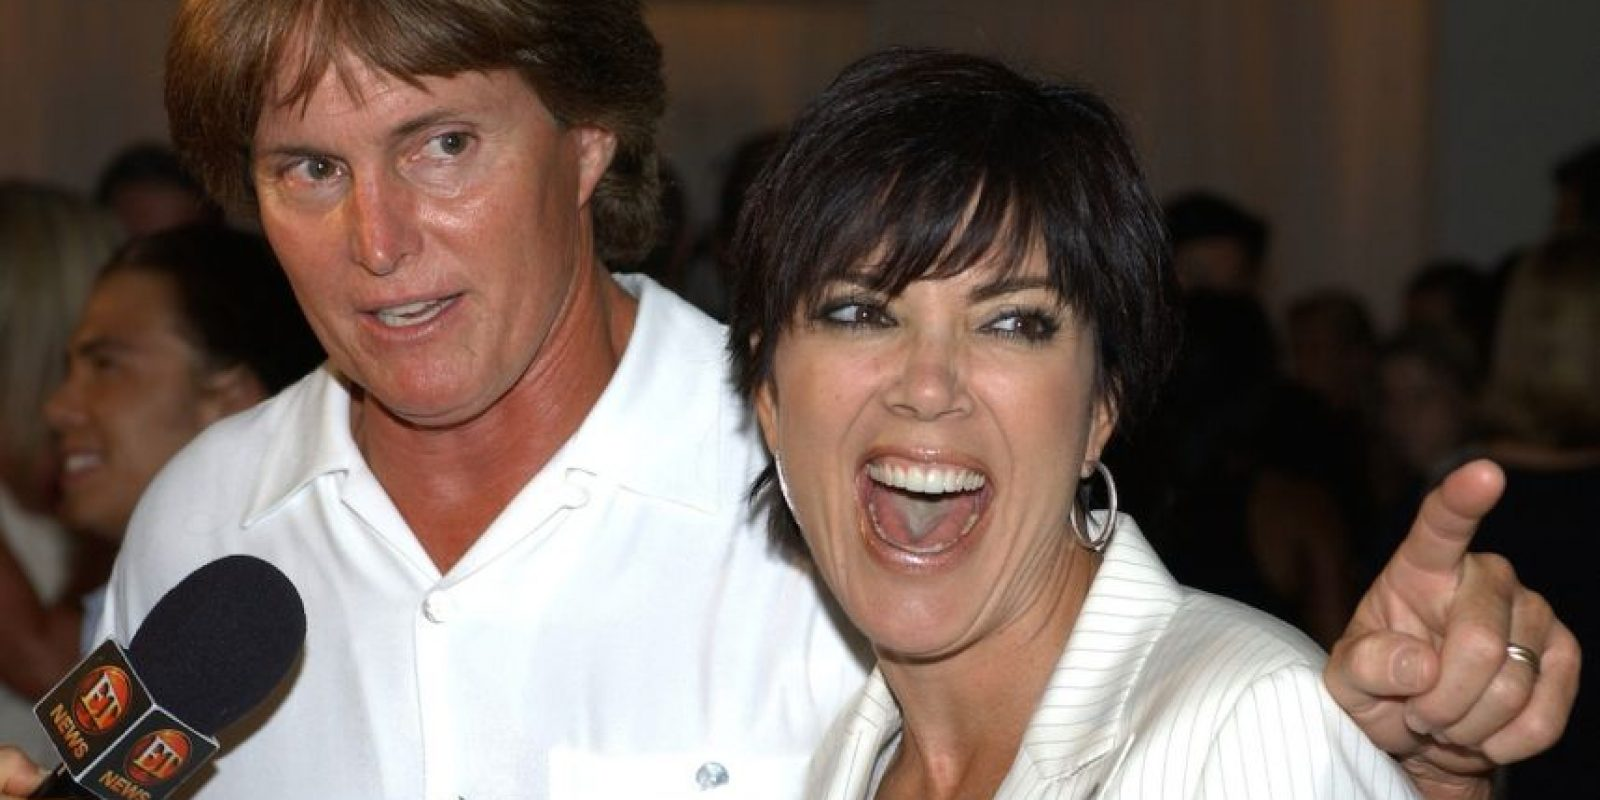 Luego de 22 años de casados, la pareja se separó en 2013. Foto:Getty Images